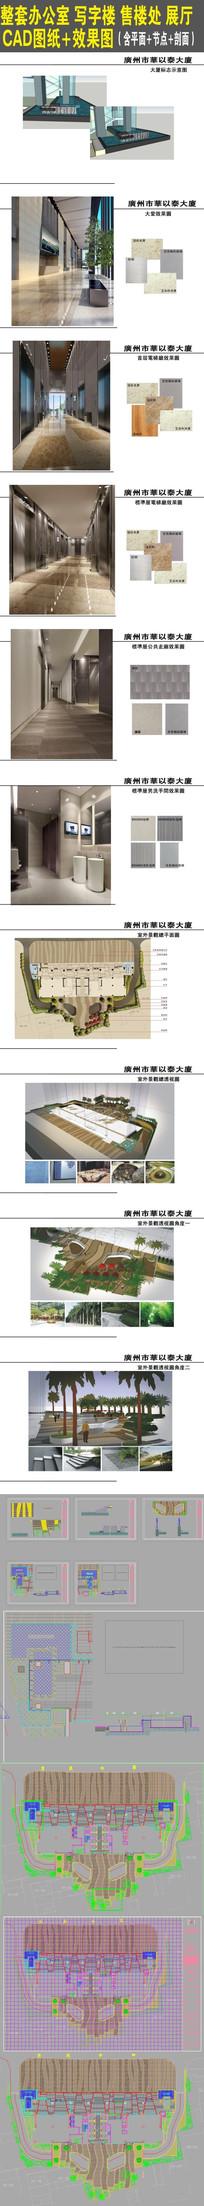 地产大堂及景观施工图和效果图